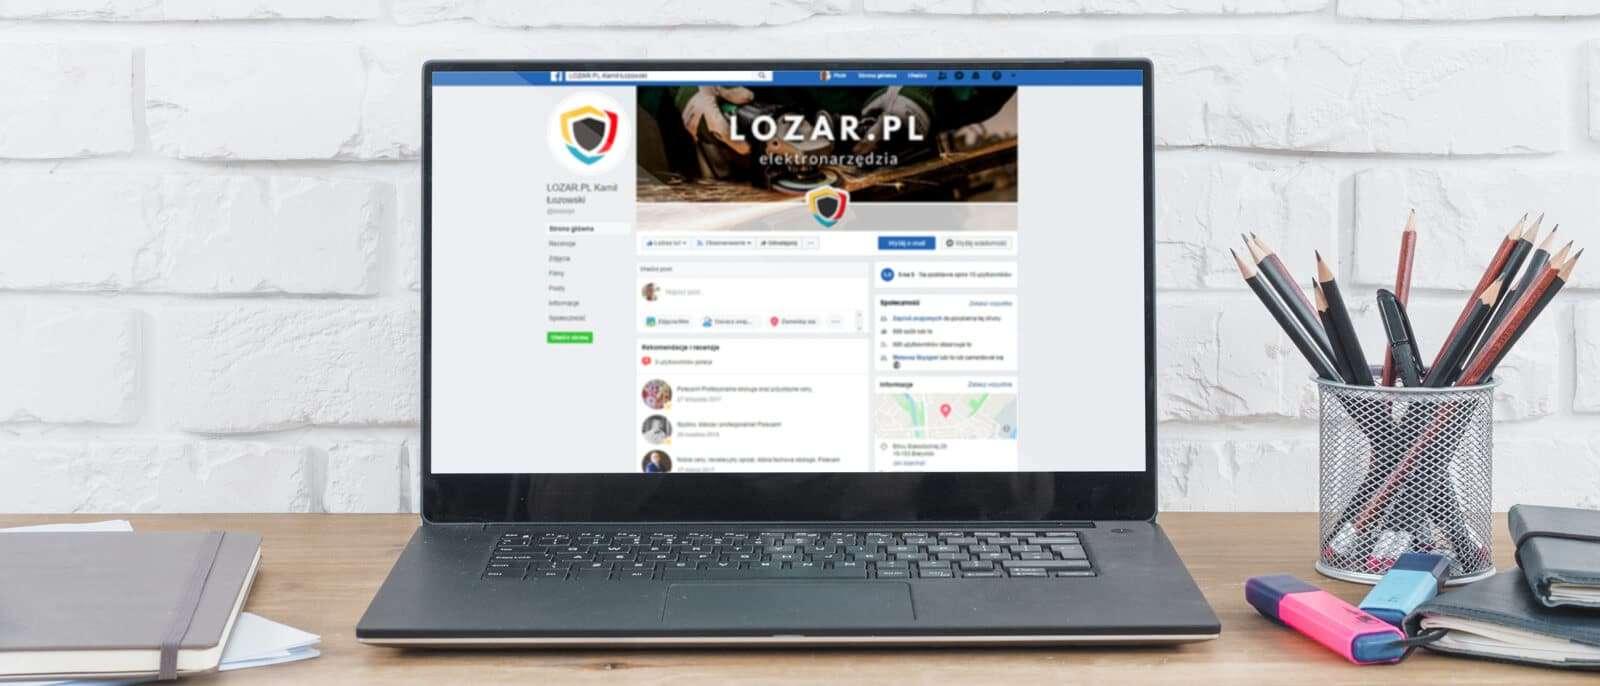 Lozar.pl